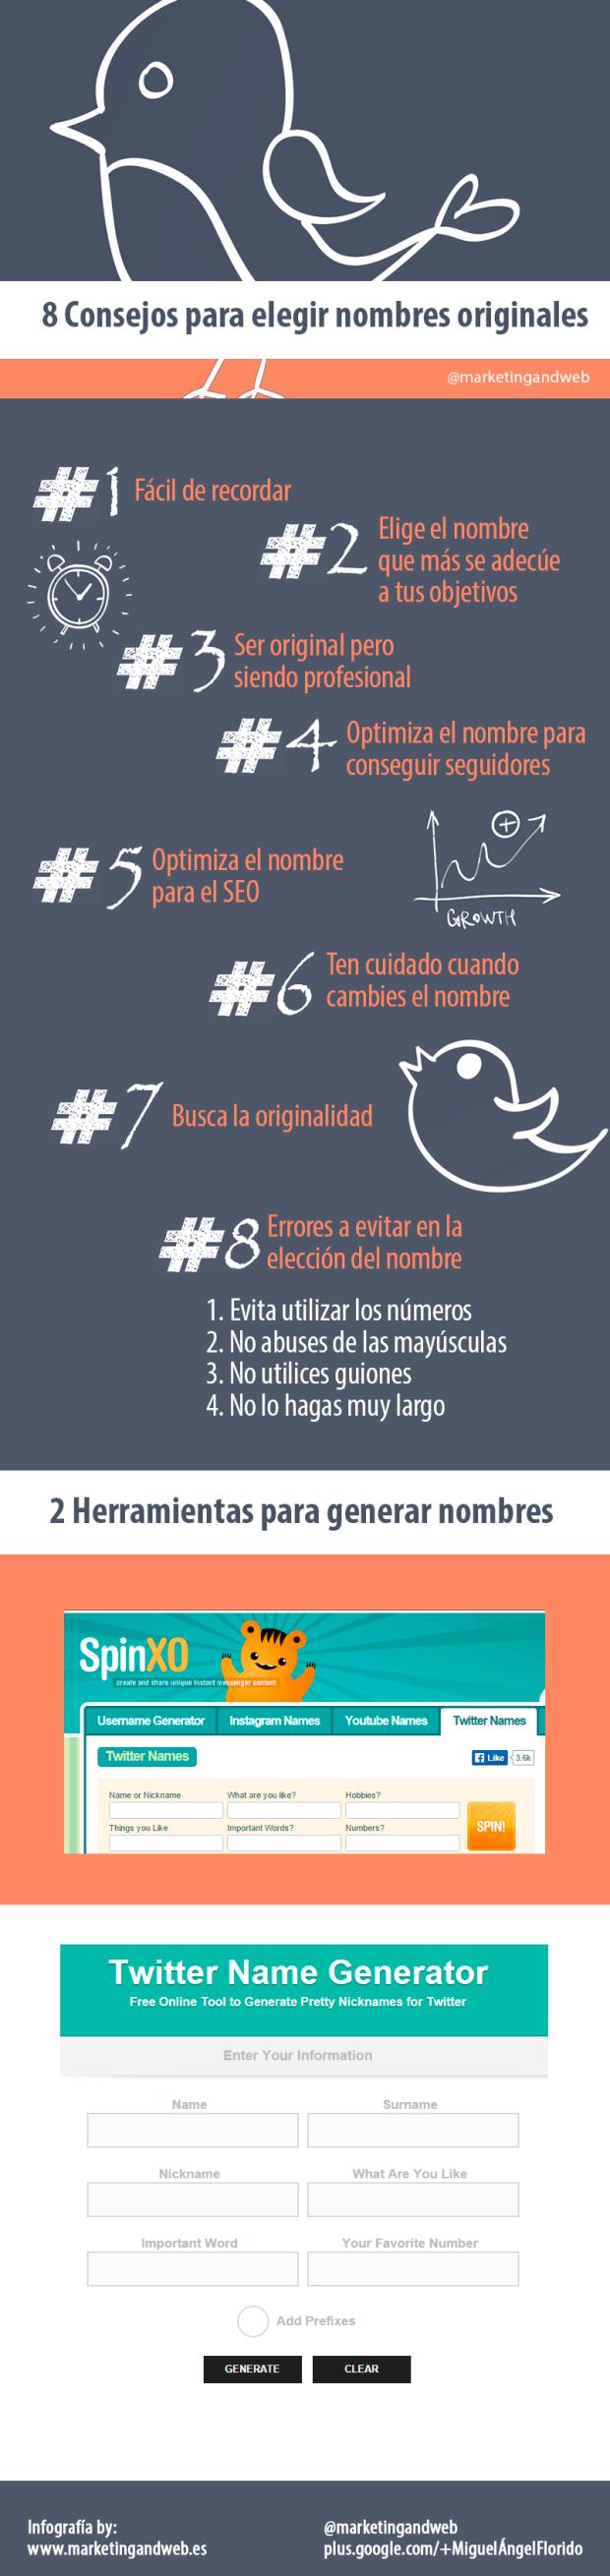 8 consejos para elegir el nombre en Twitter